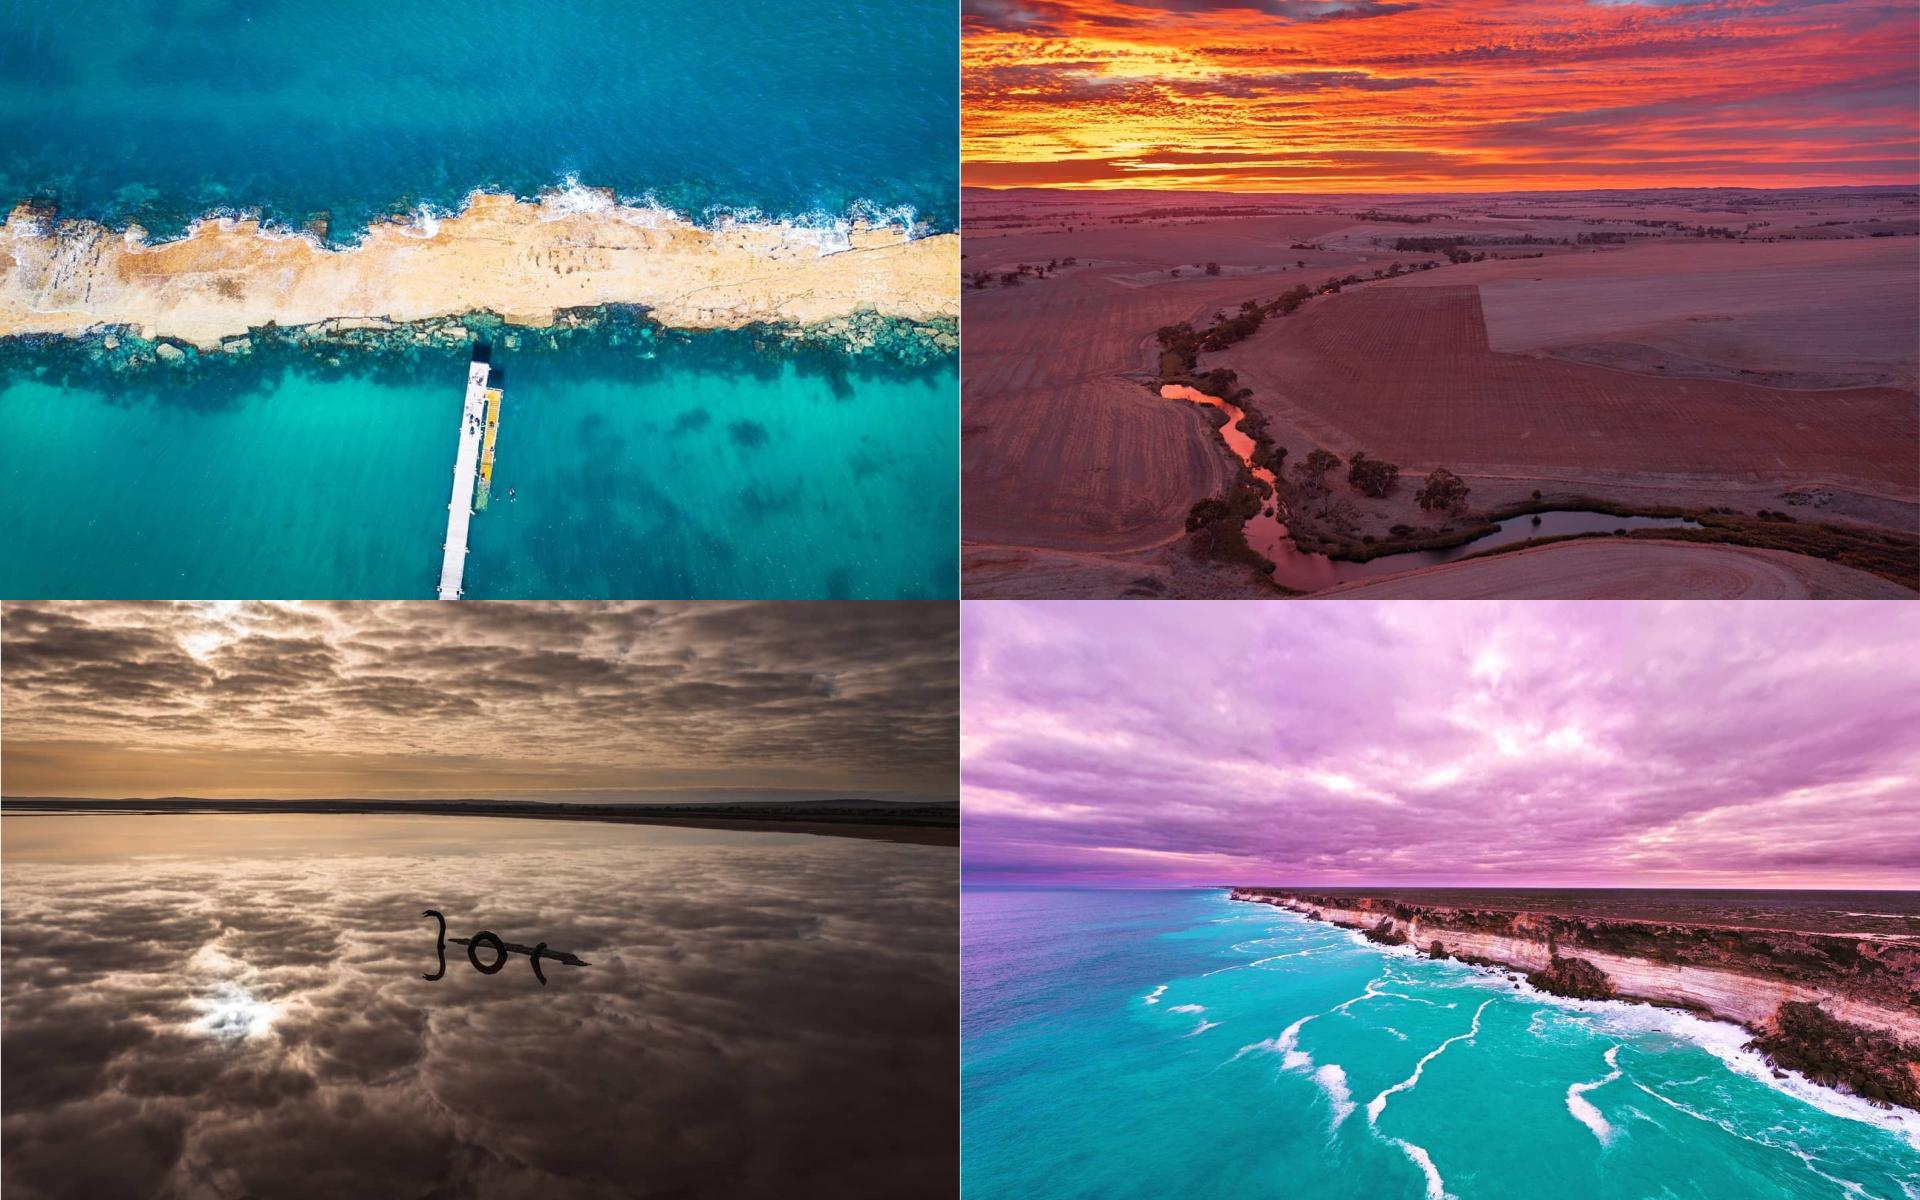 卡車司機航拍南澳絕美納拉伯平原 吸十萬粉絲 樂以自身故事激勵別人